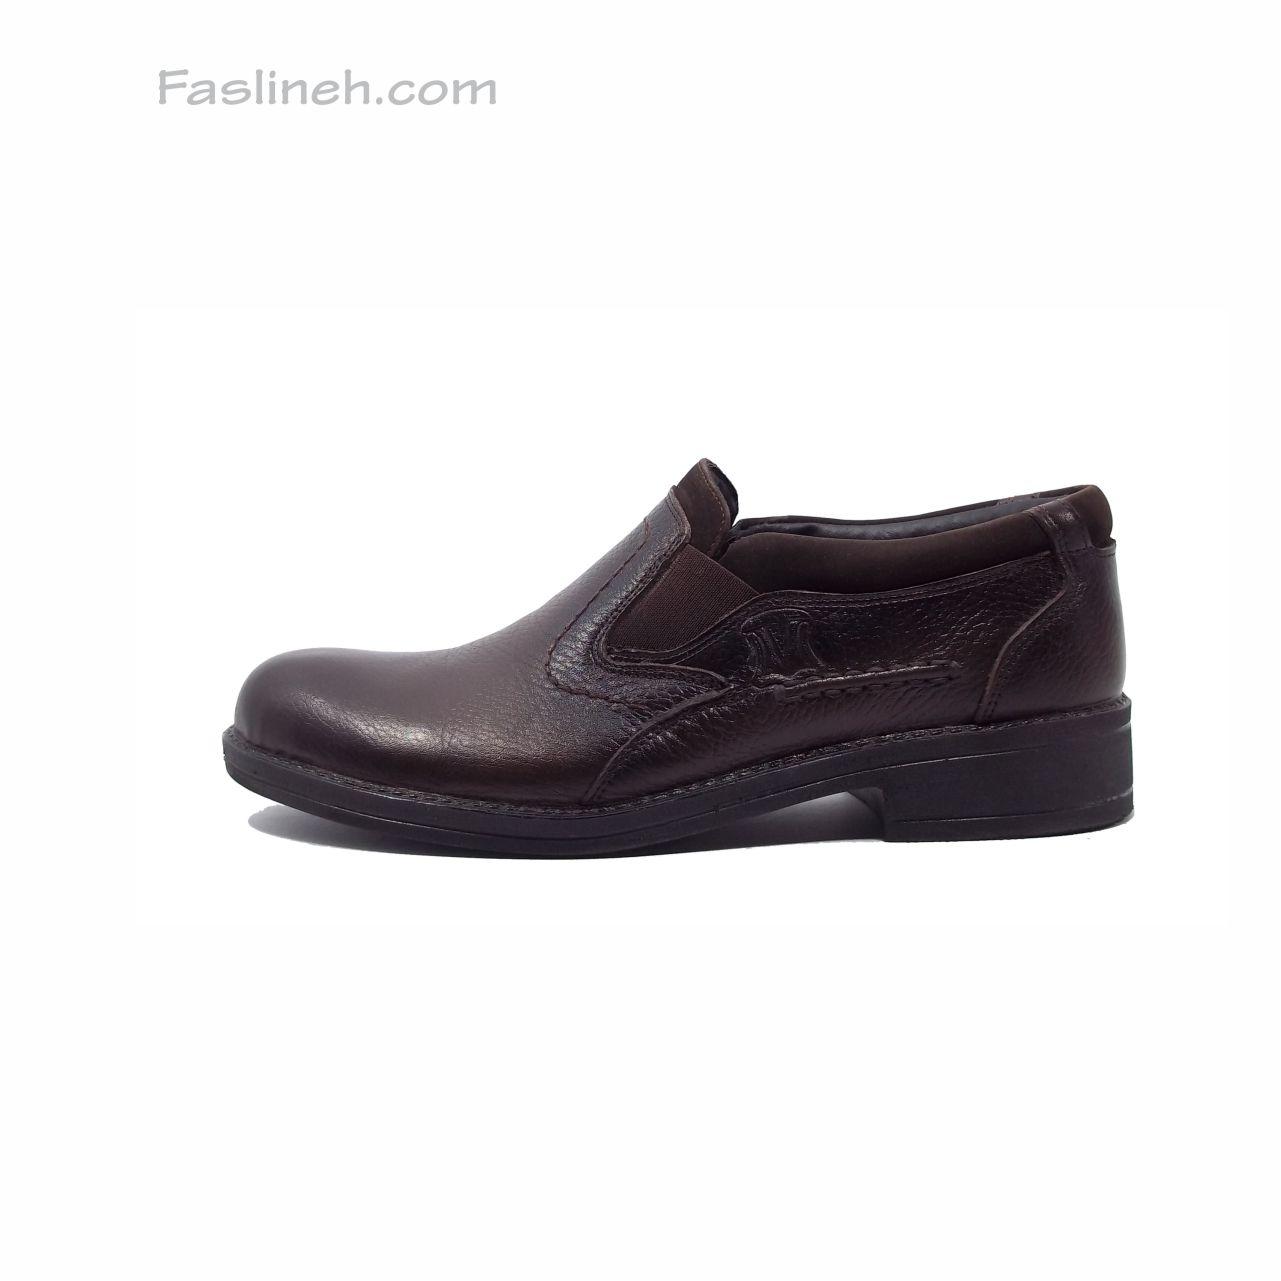 کفش چرم طرح کلارک بدون بند ترک شوز قهوه ای